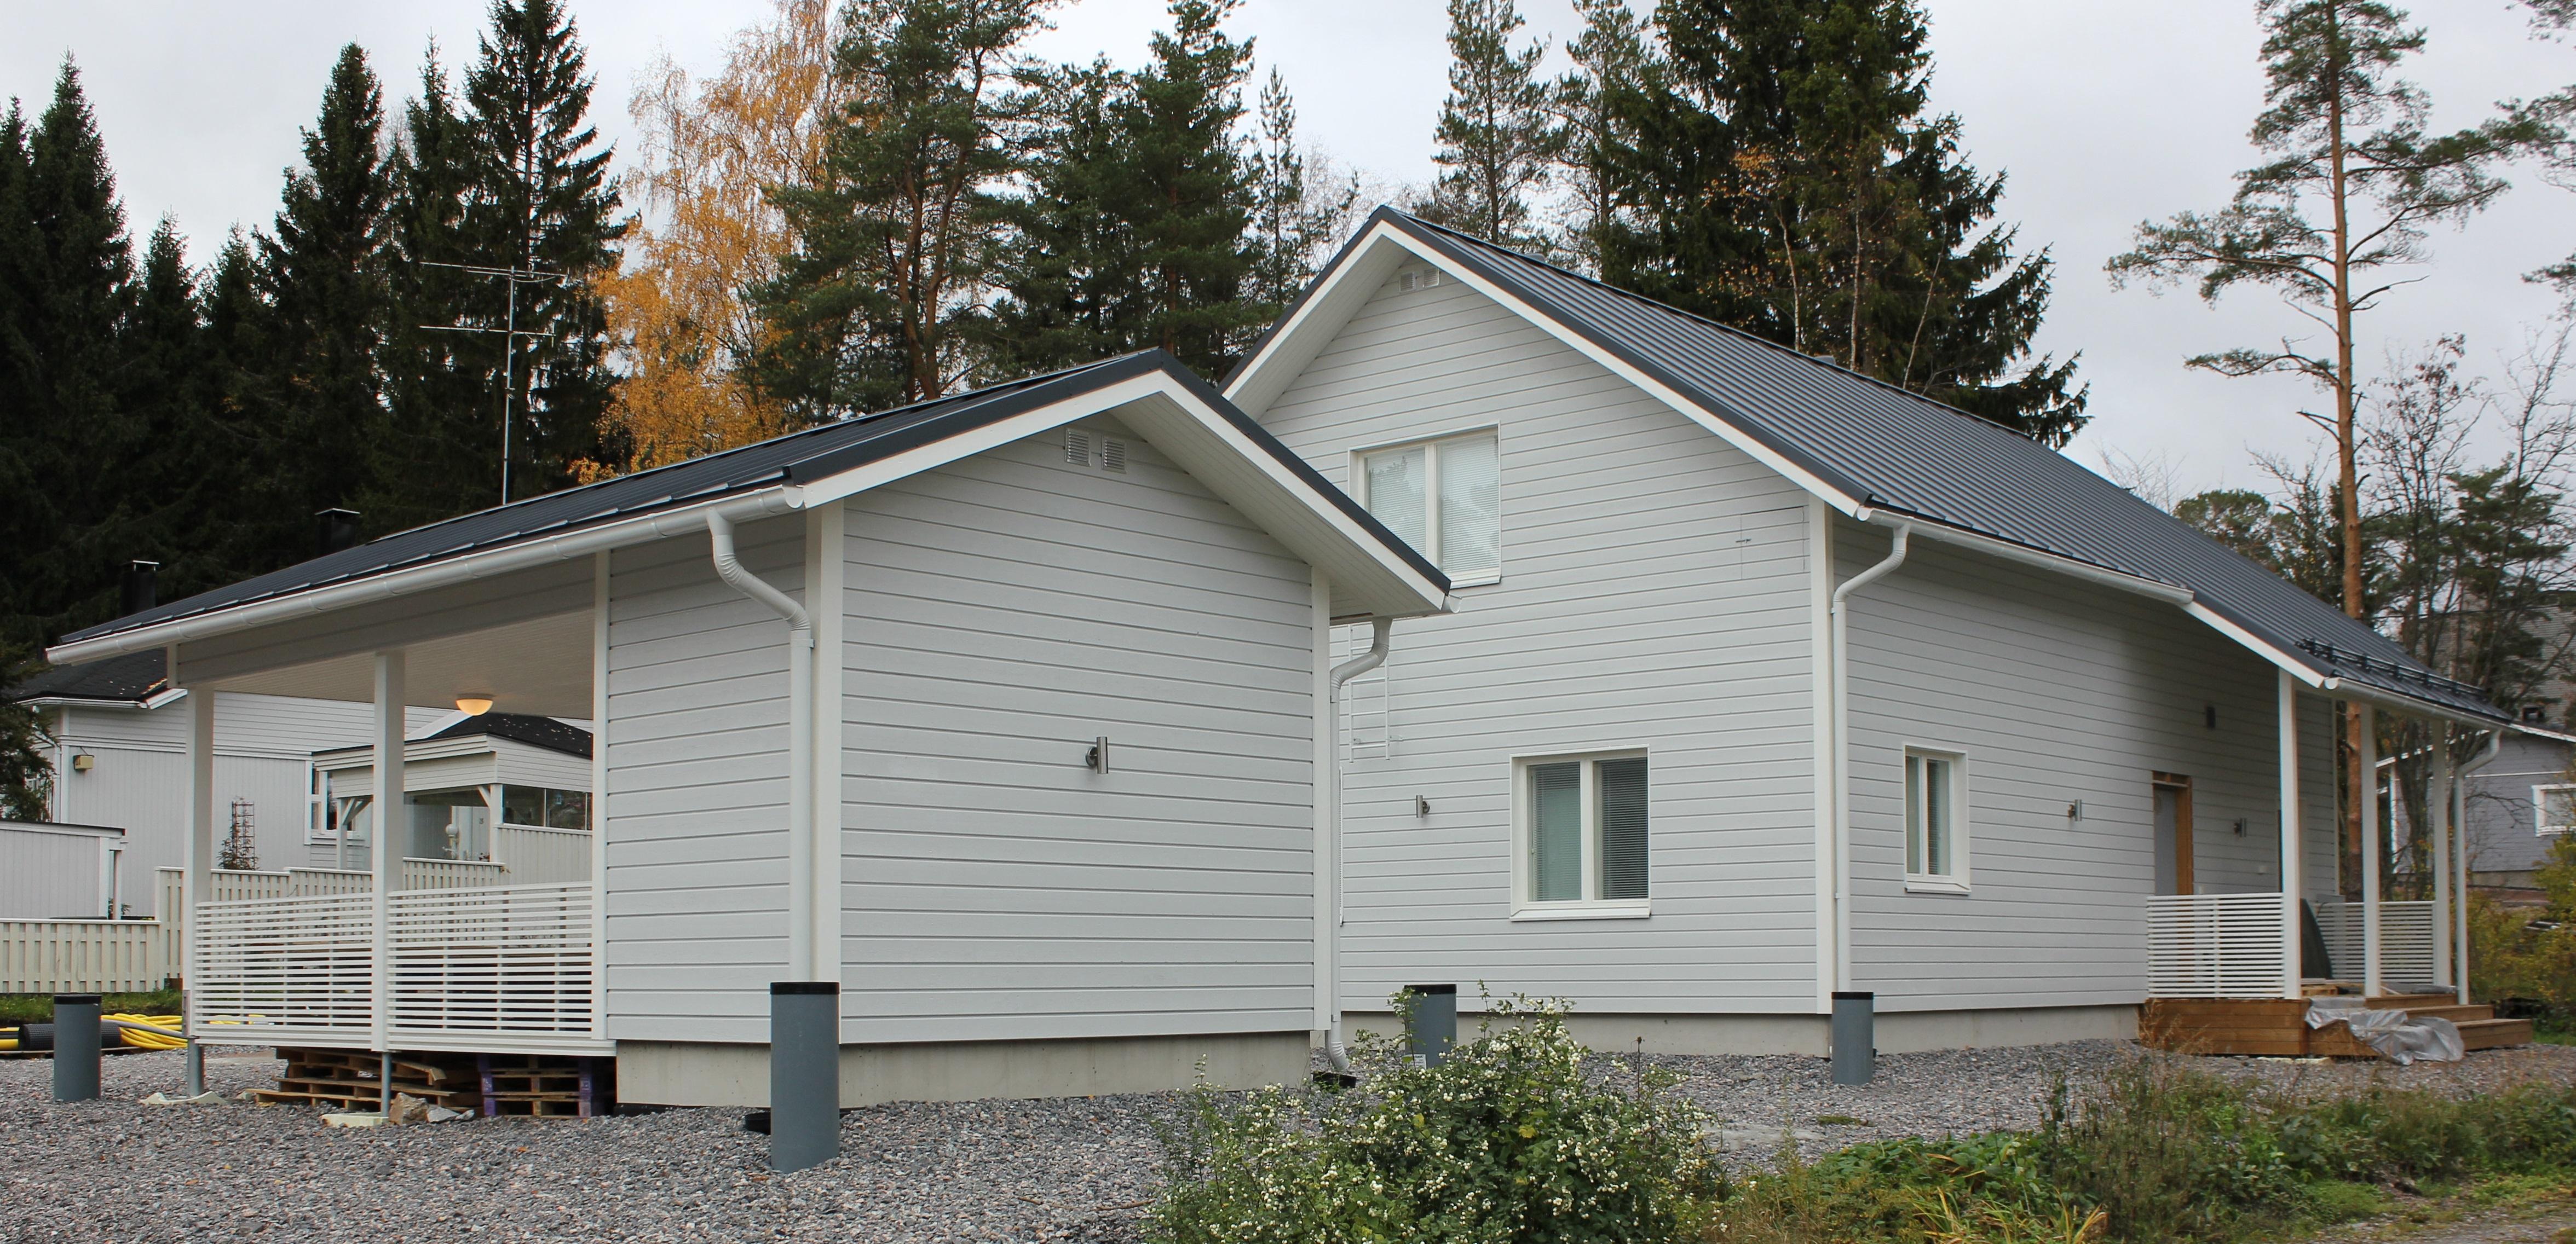 Julkisivukuva - Ainoakoti, Yksilöllinen koti 134 m2